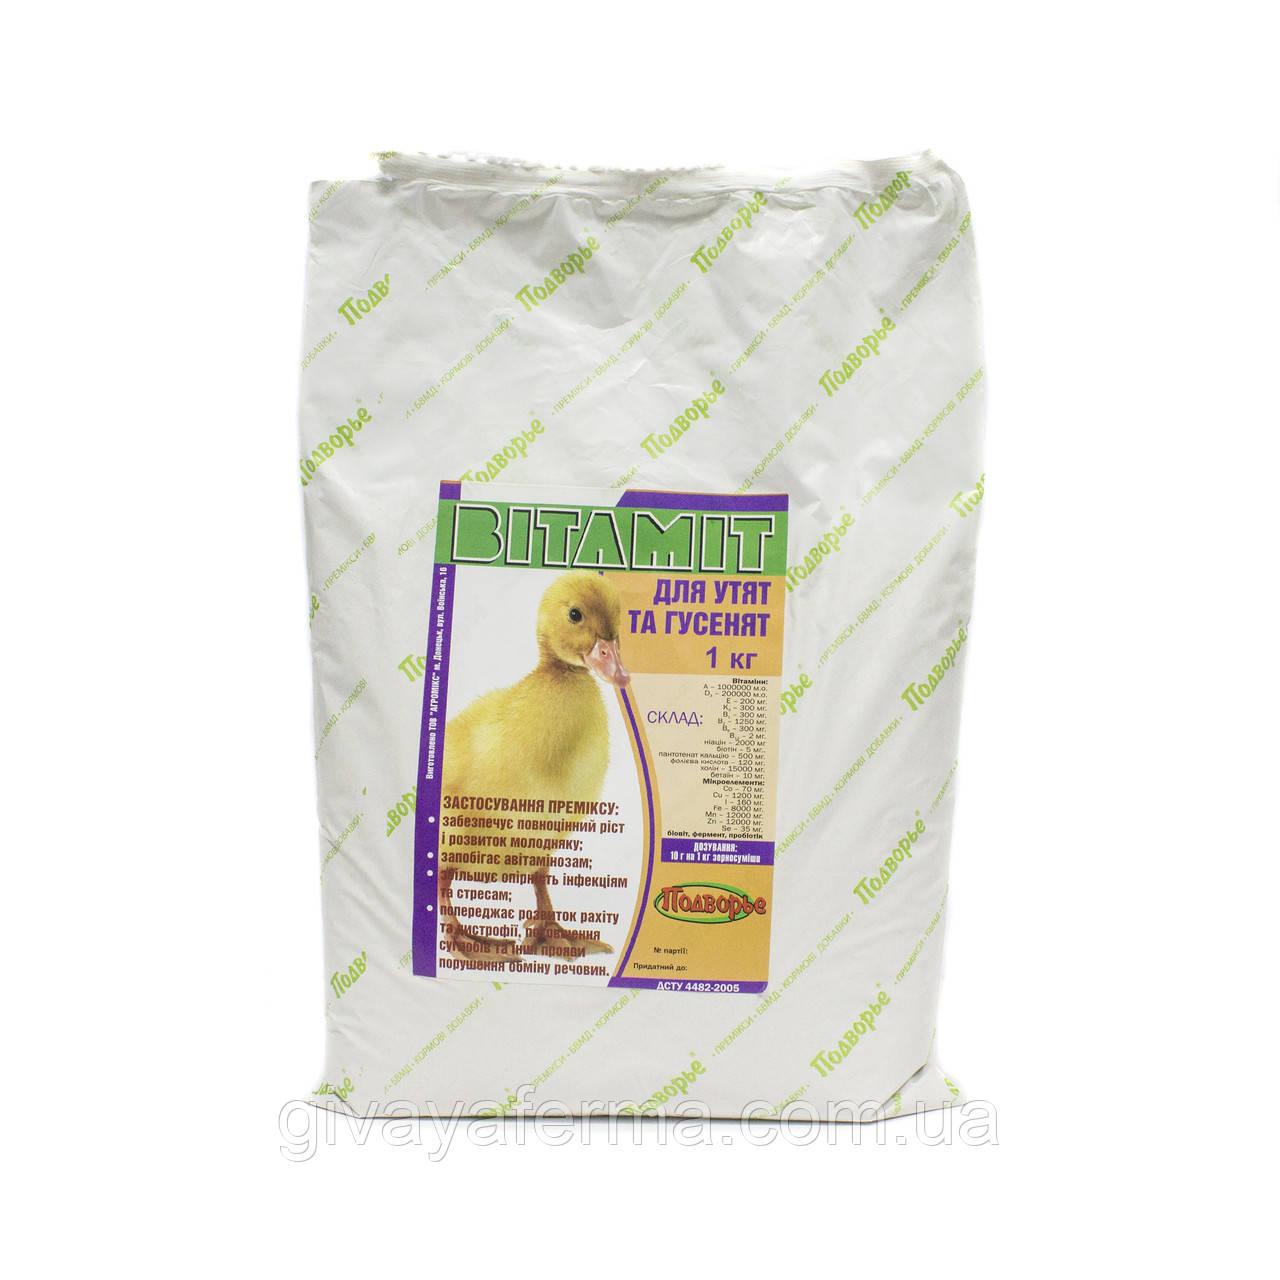 Витаминный премикс Витамит - утенок 1%, 1 кг, витаминно-минеральный комплекс